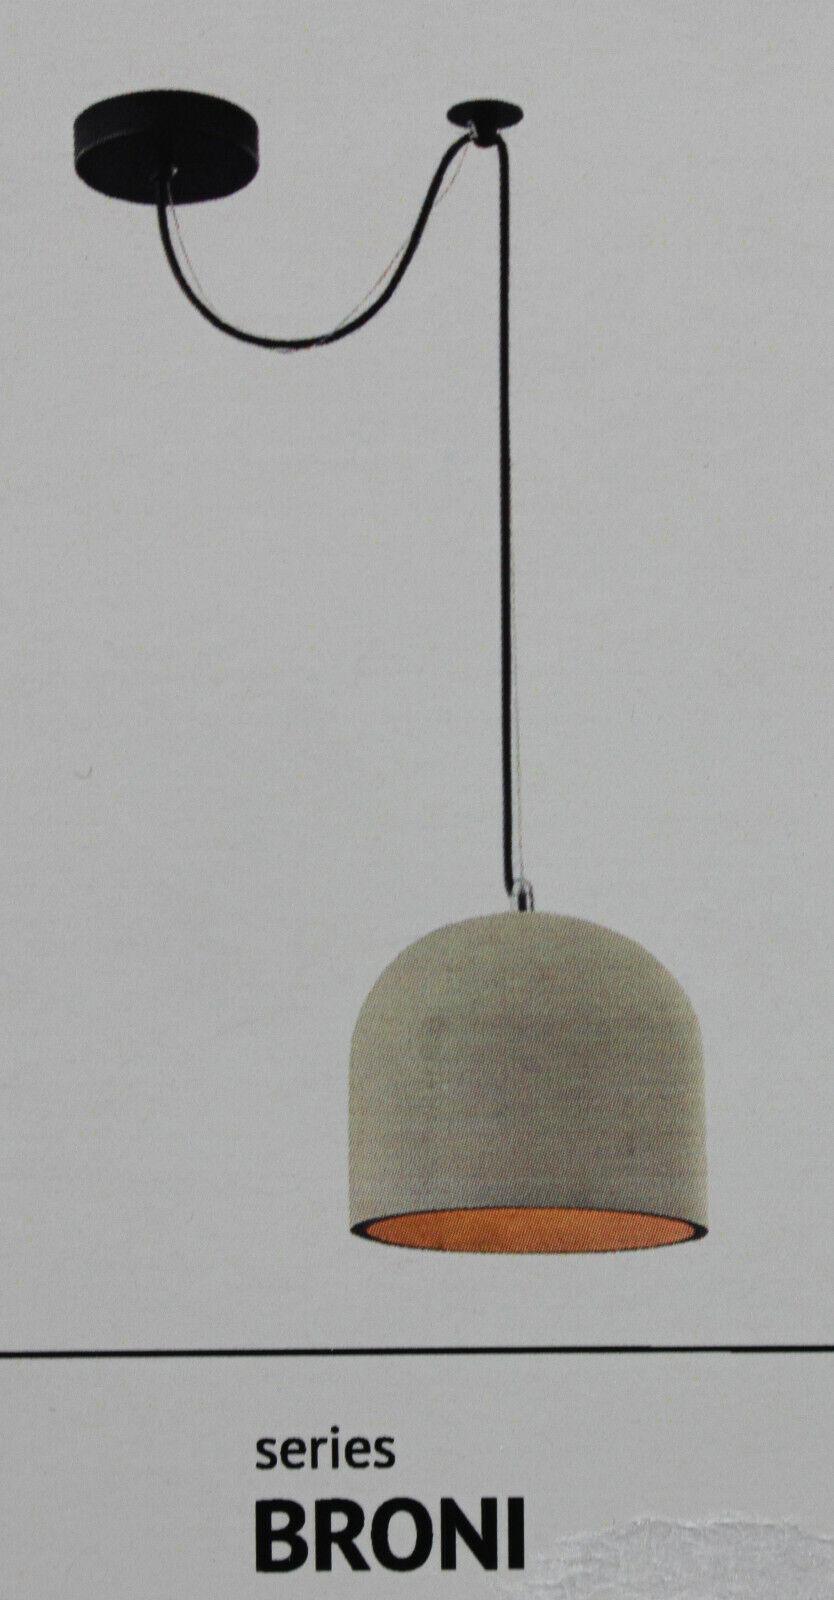 Maytoni Pendelleuchte Broni Beton Deckenleuchte Lampe Grau Ø 20cm F4-T451-PL